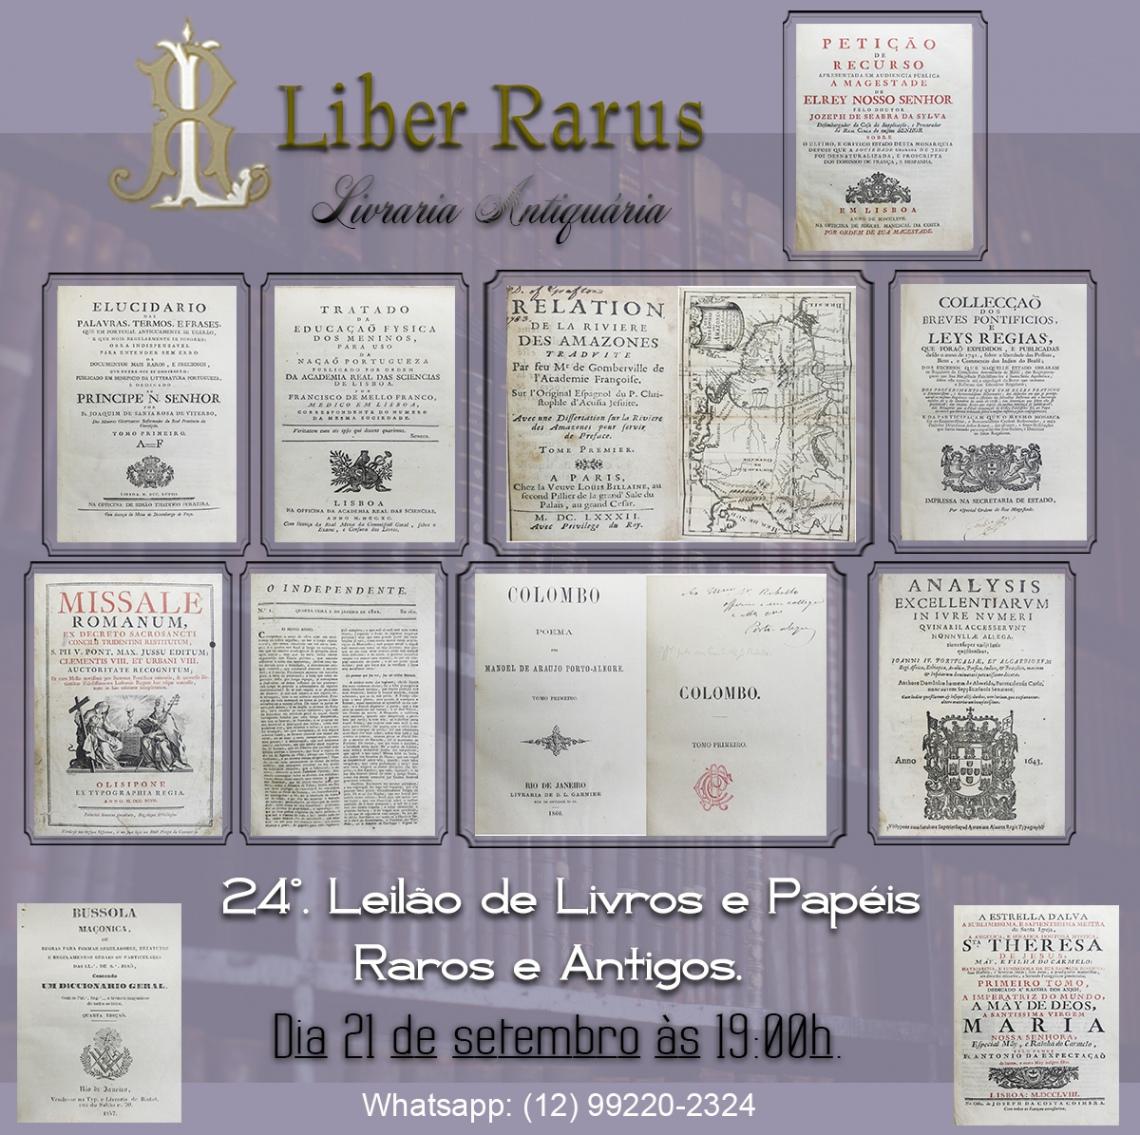 24º Leilão de Livros e Papéis Raros e Antigos - Liber Rarus - 21/09/2021 - 19h00